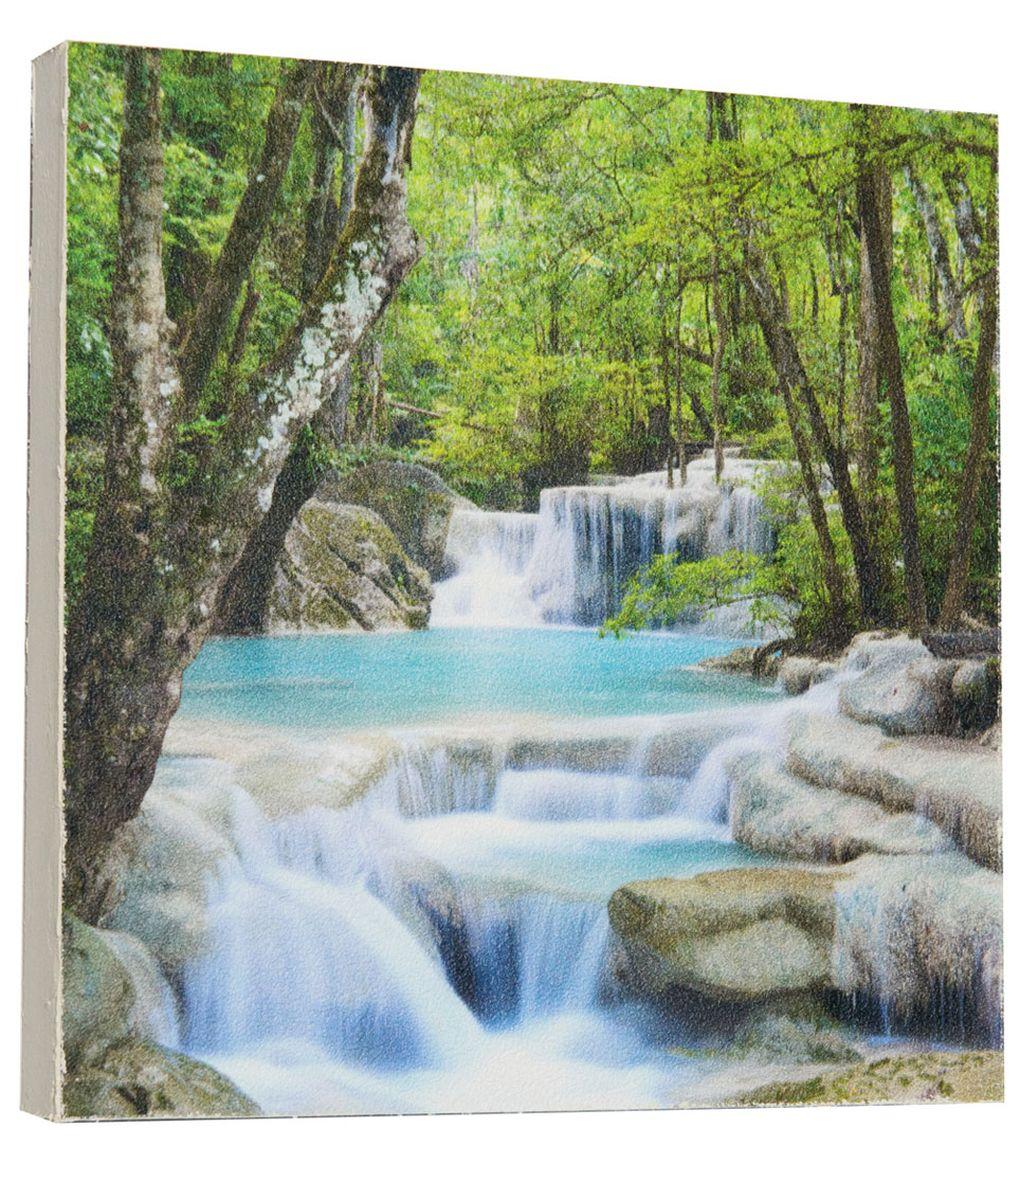 Картина Водопад посреди леса, 22 х 22 см